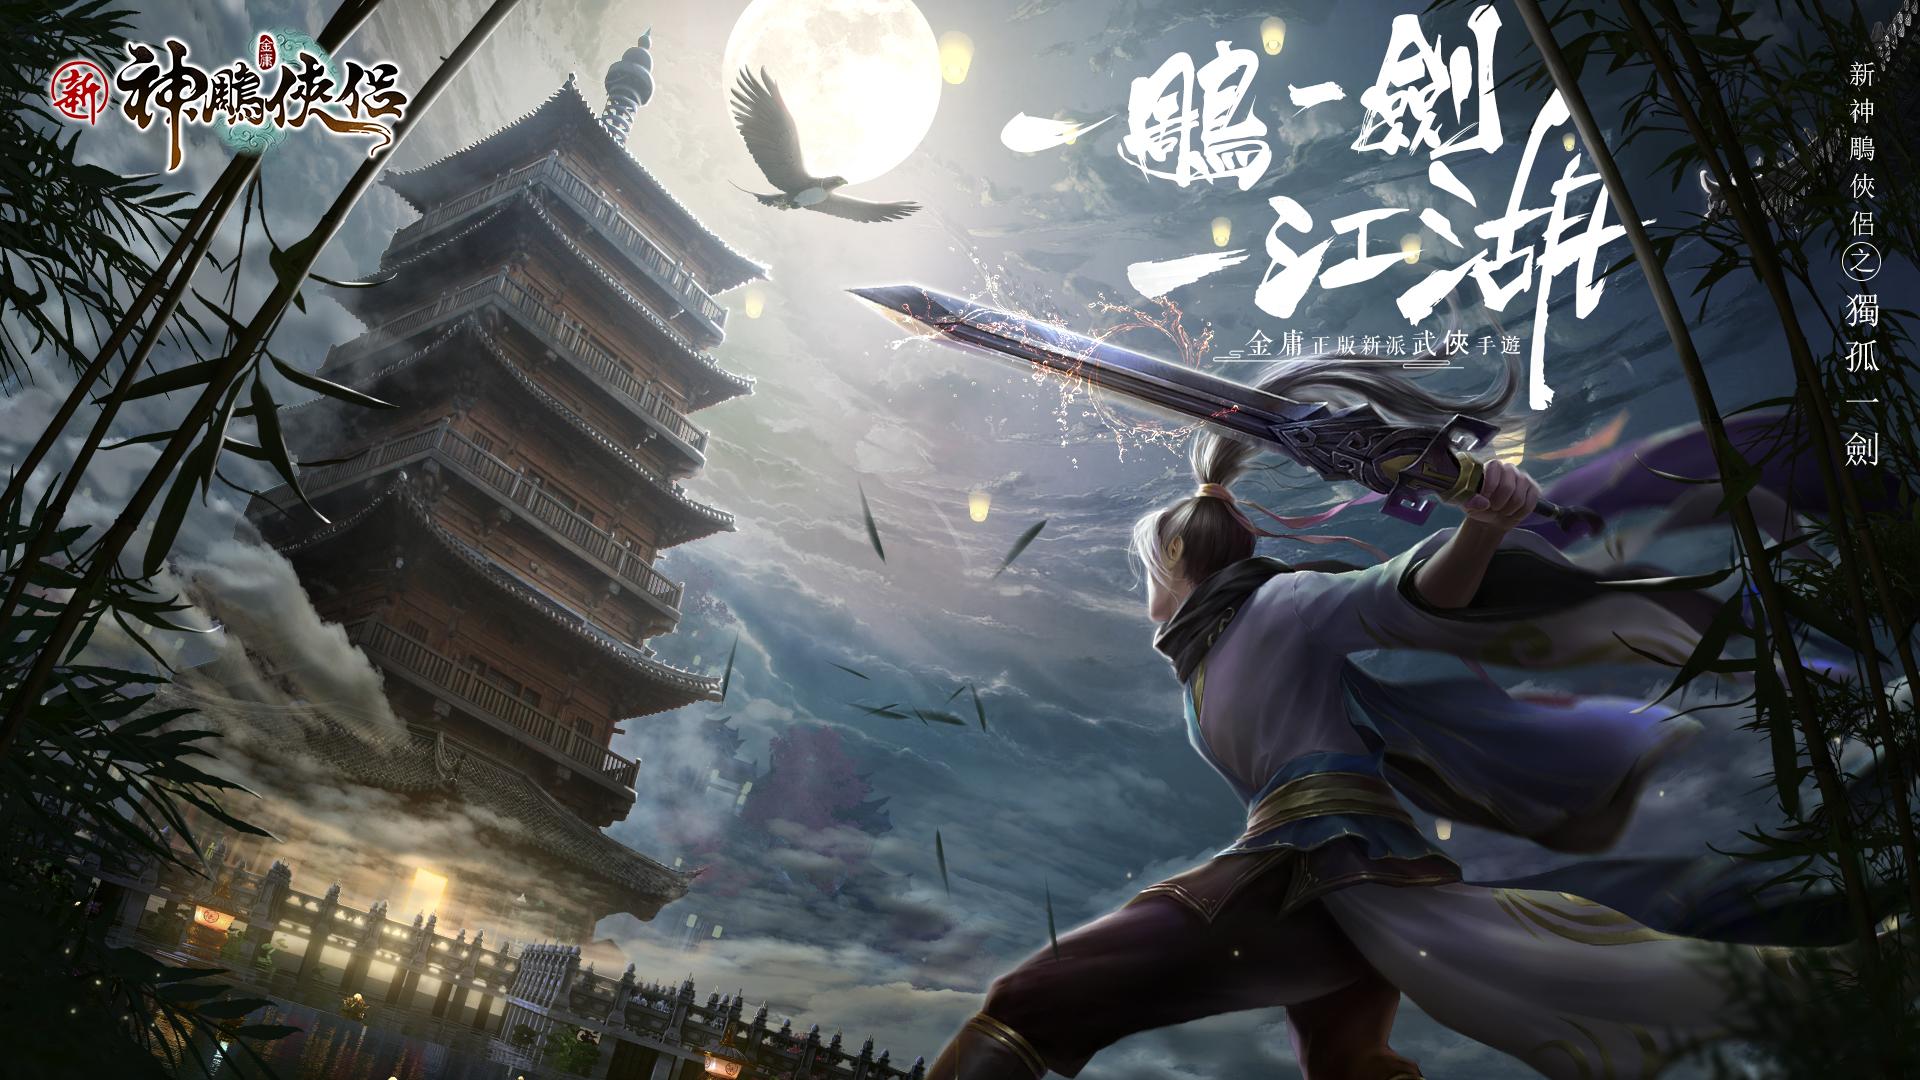 《新神鵰俠侶》全新版本「獨孤一劍」上線,新門派、新職業震撼來襲!